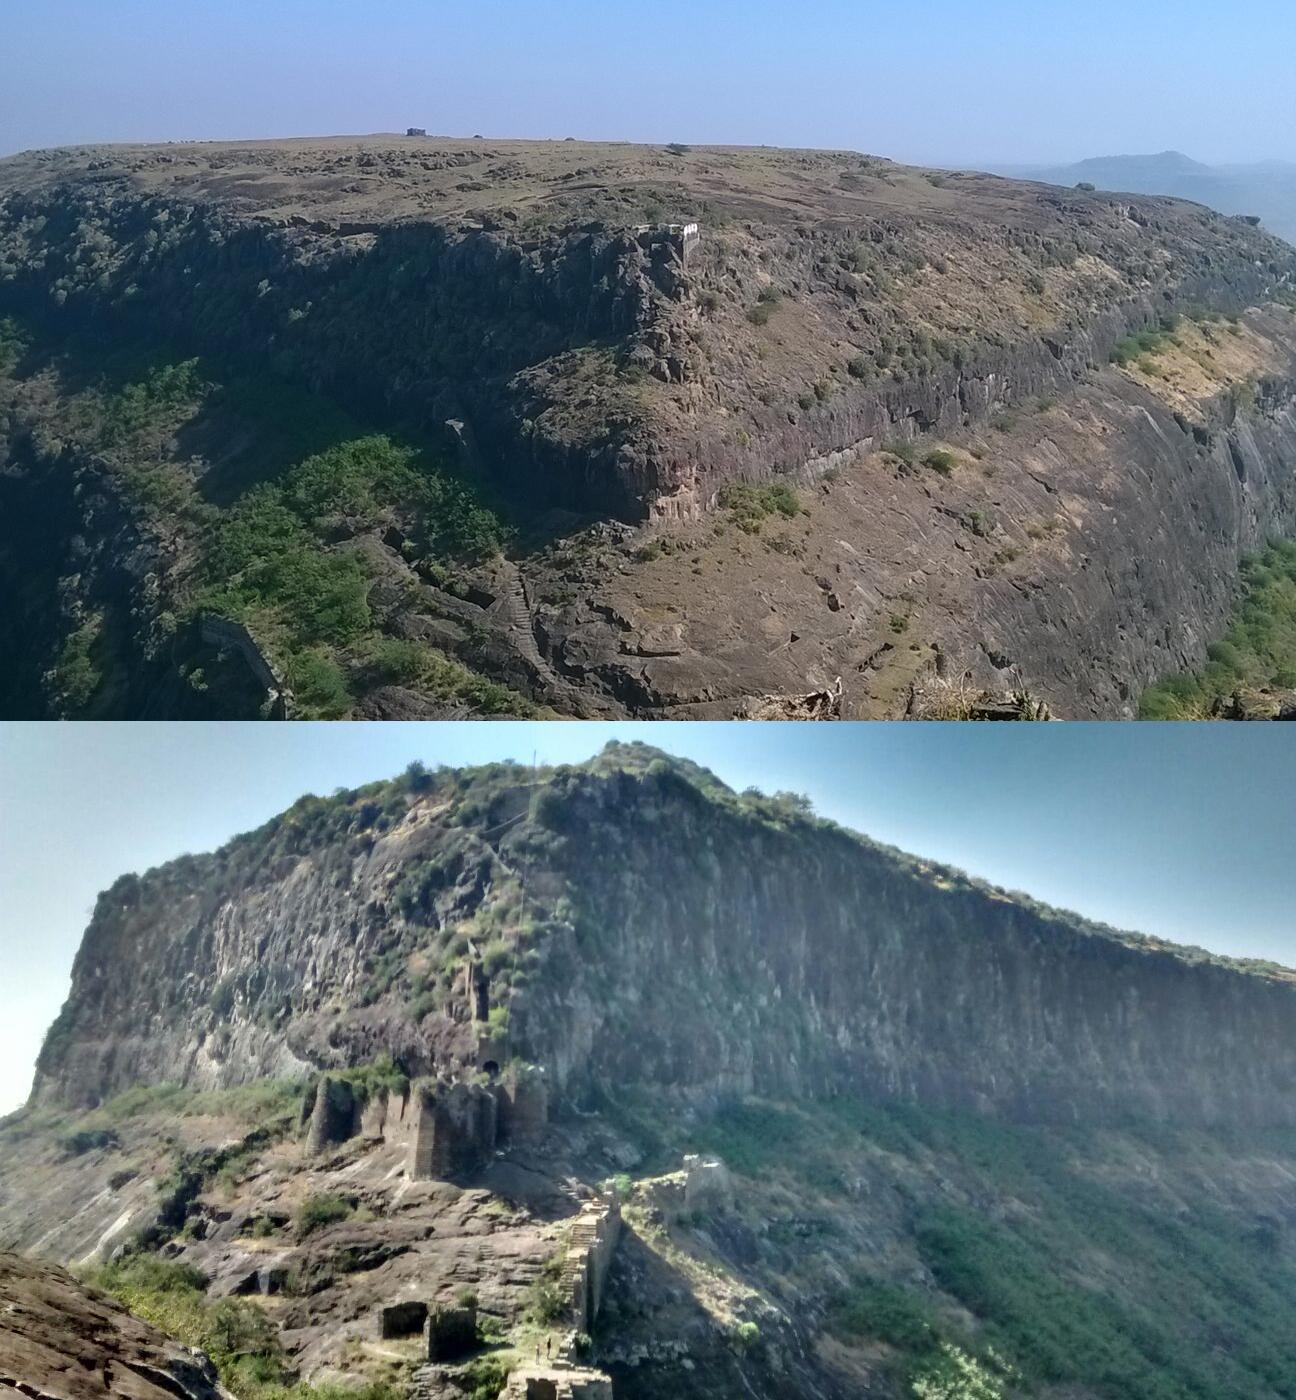 Ankai and Tankai Fort